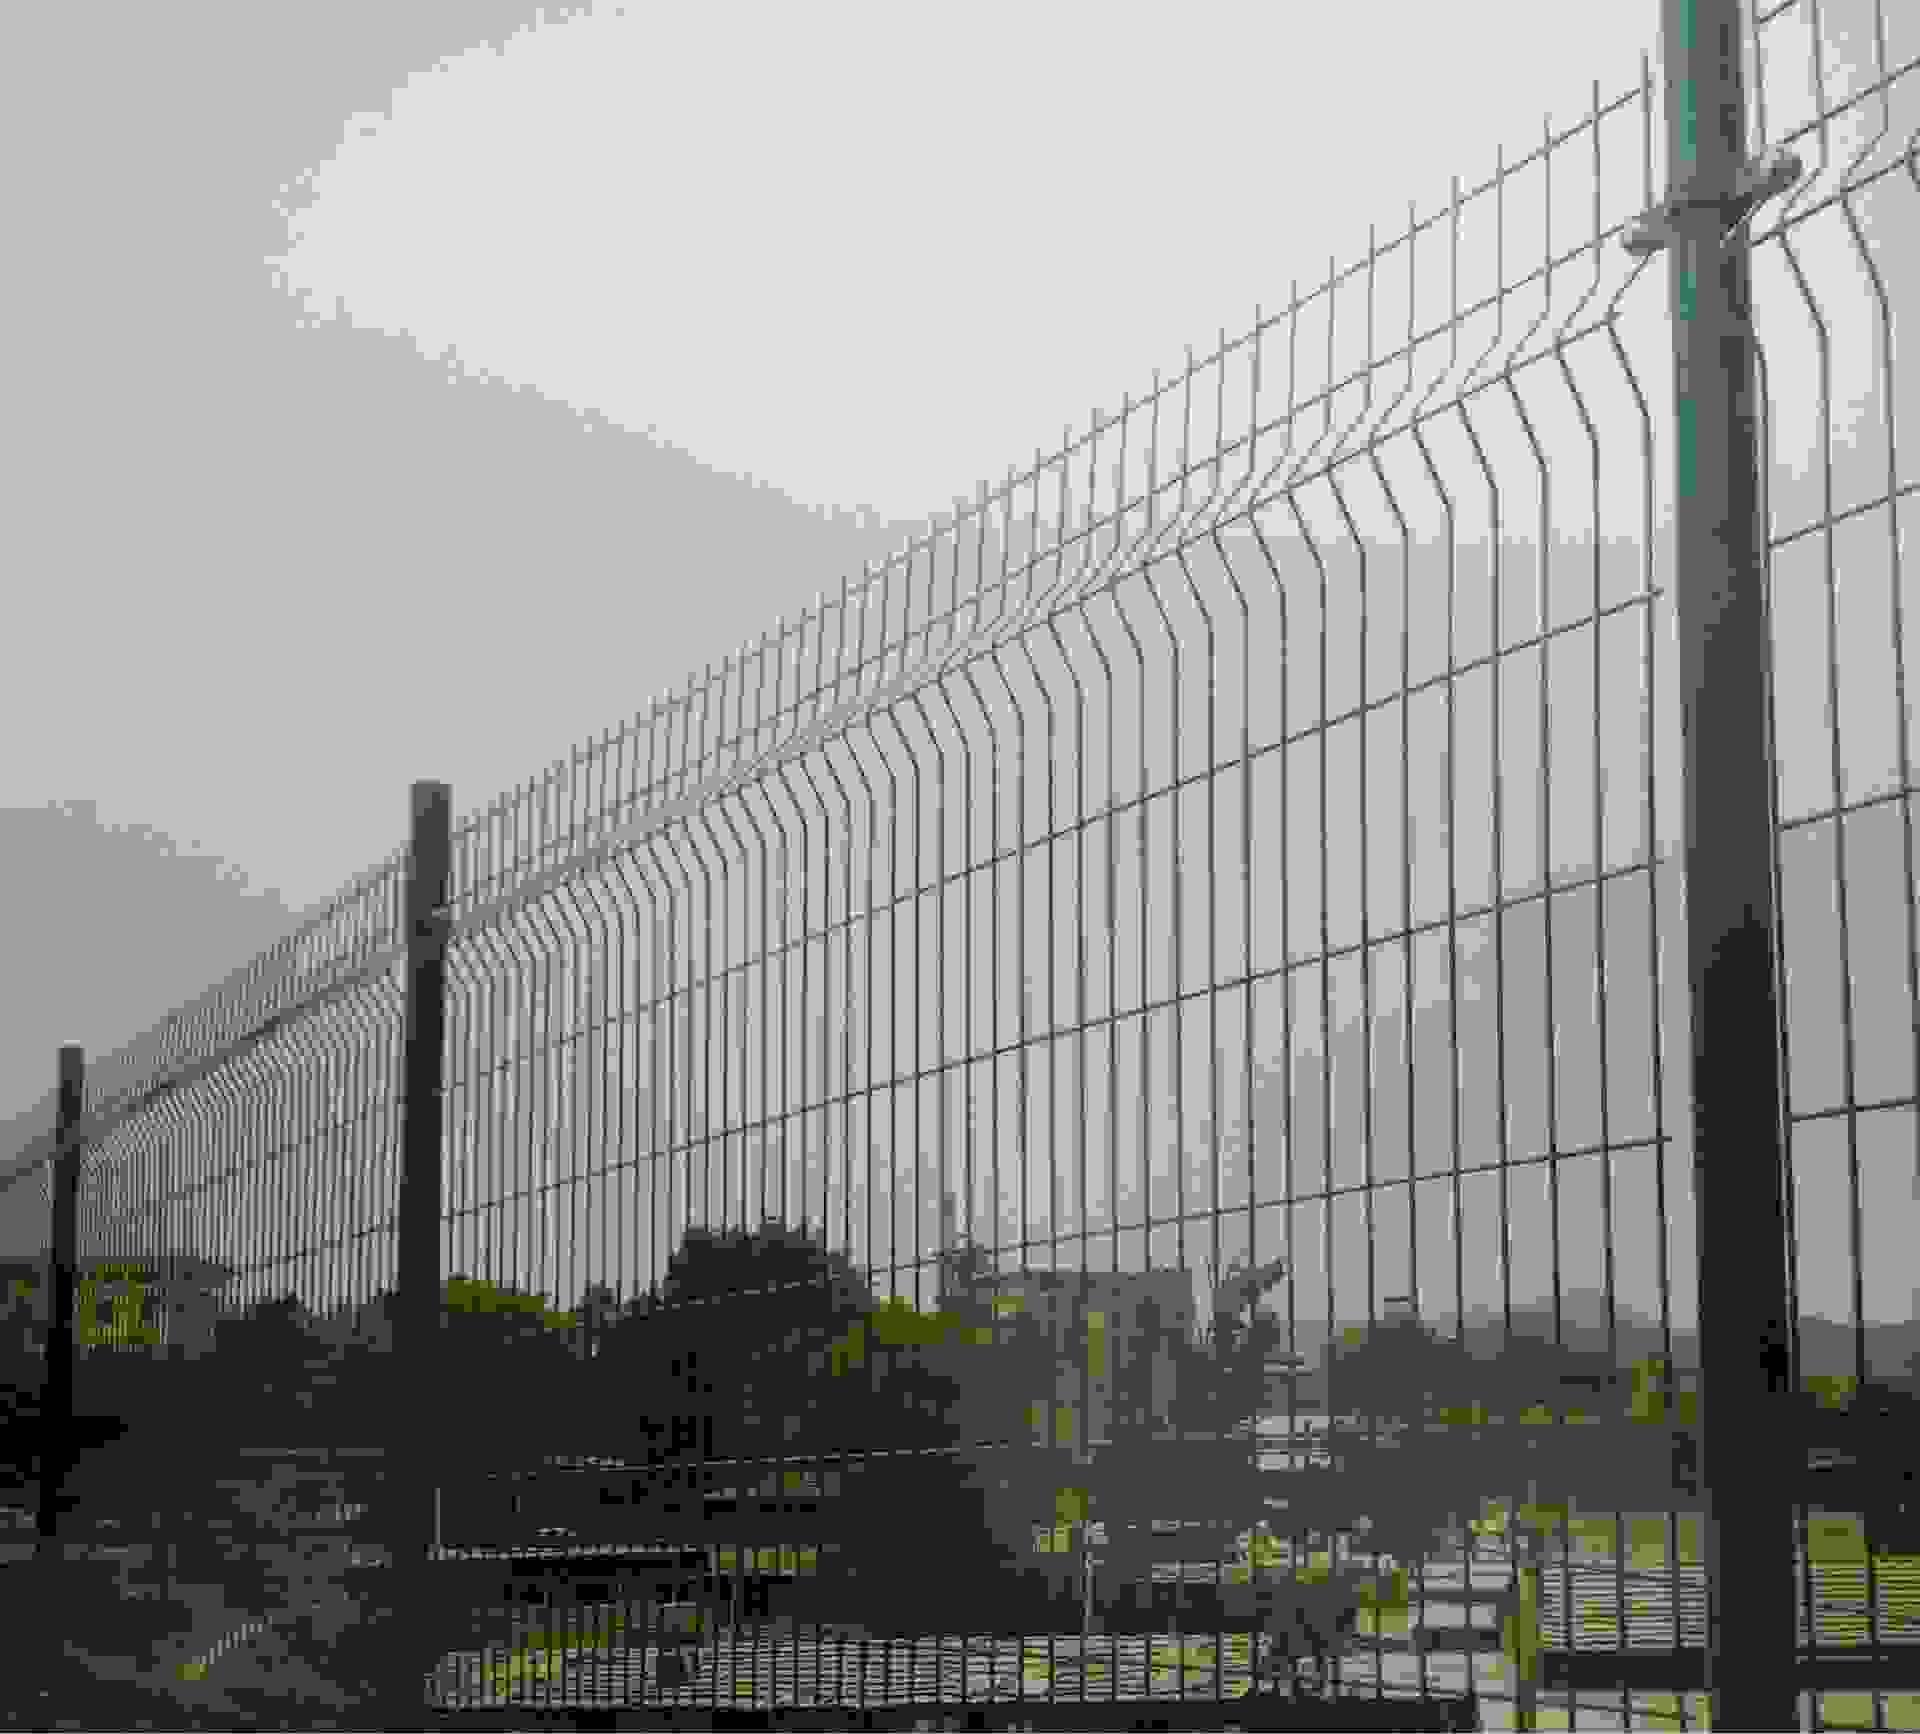 护栏网 围栏网 球场网